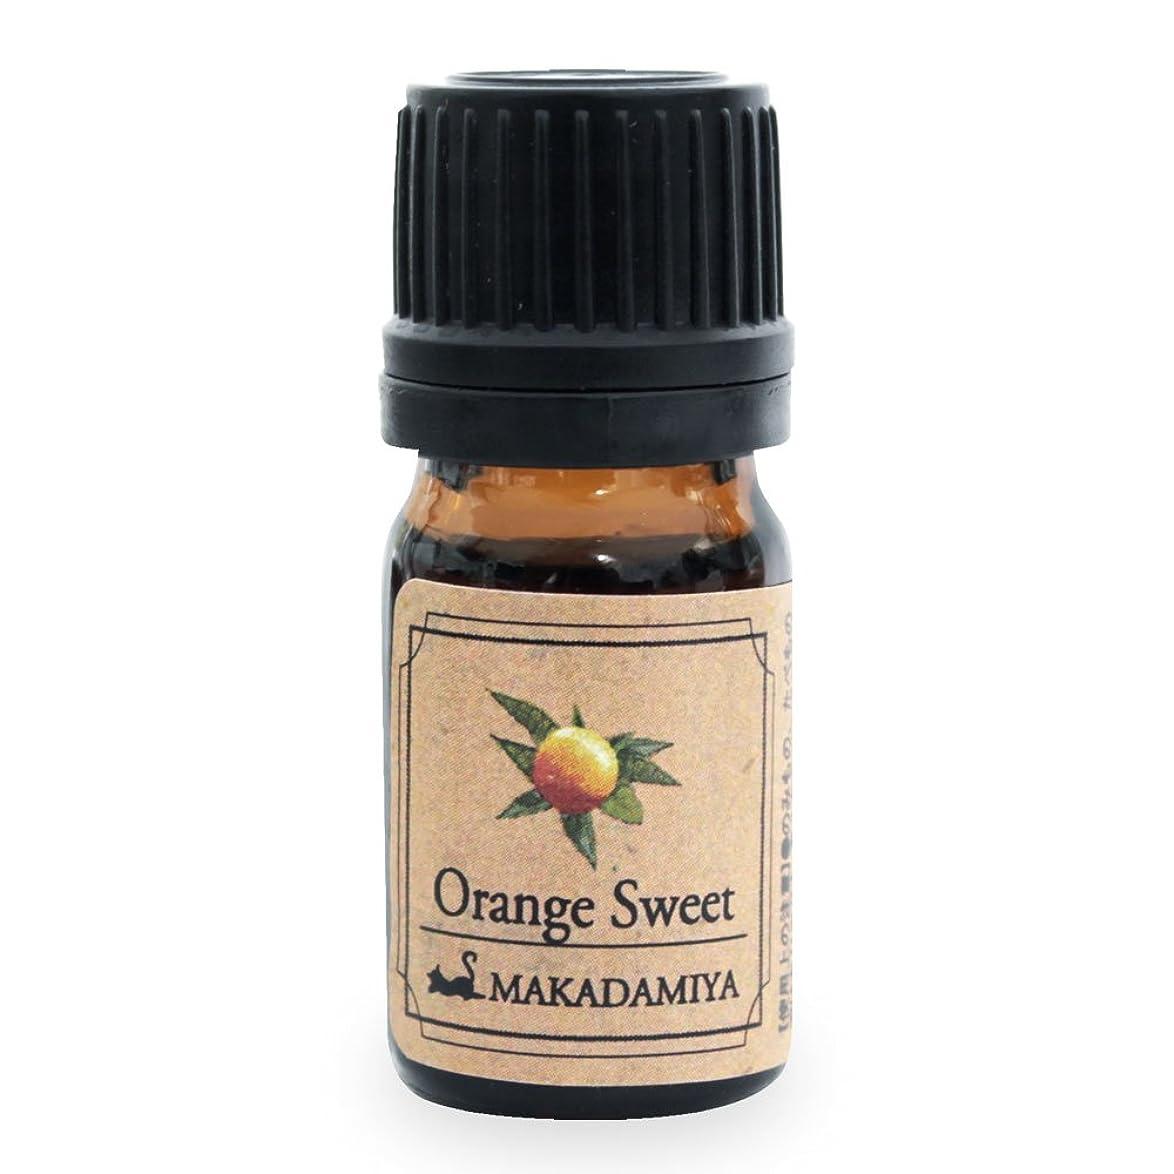 しおれた摂動蒸留オレンジ?スイート5ml 天然100%植物性 エッセンシャルオイル(精油) アロマオイル アロママッサージ aroma Orange Sweet